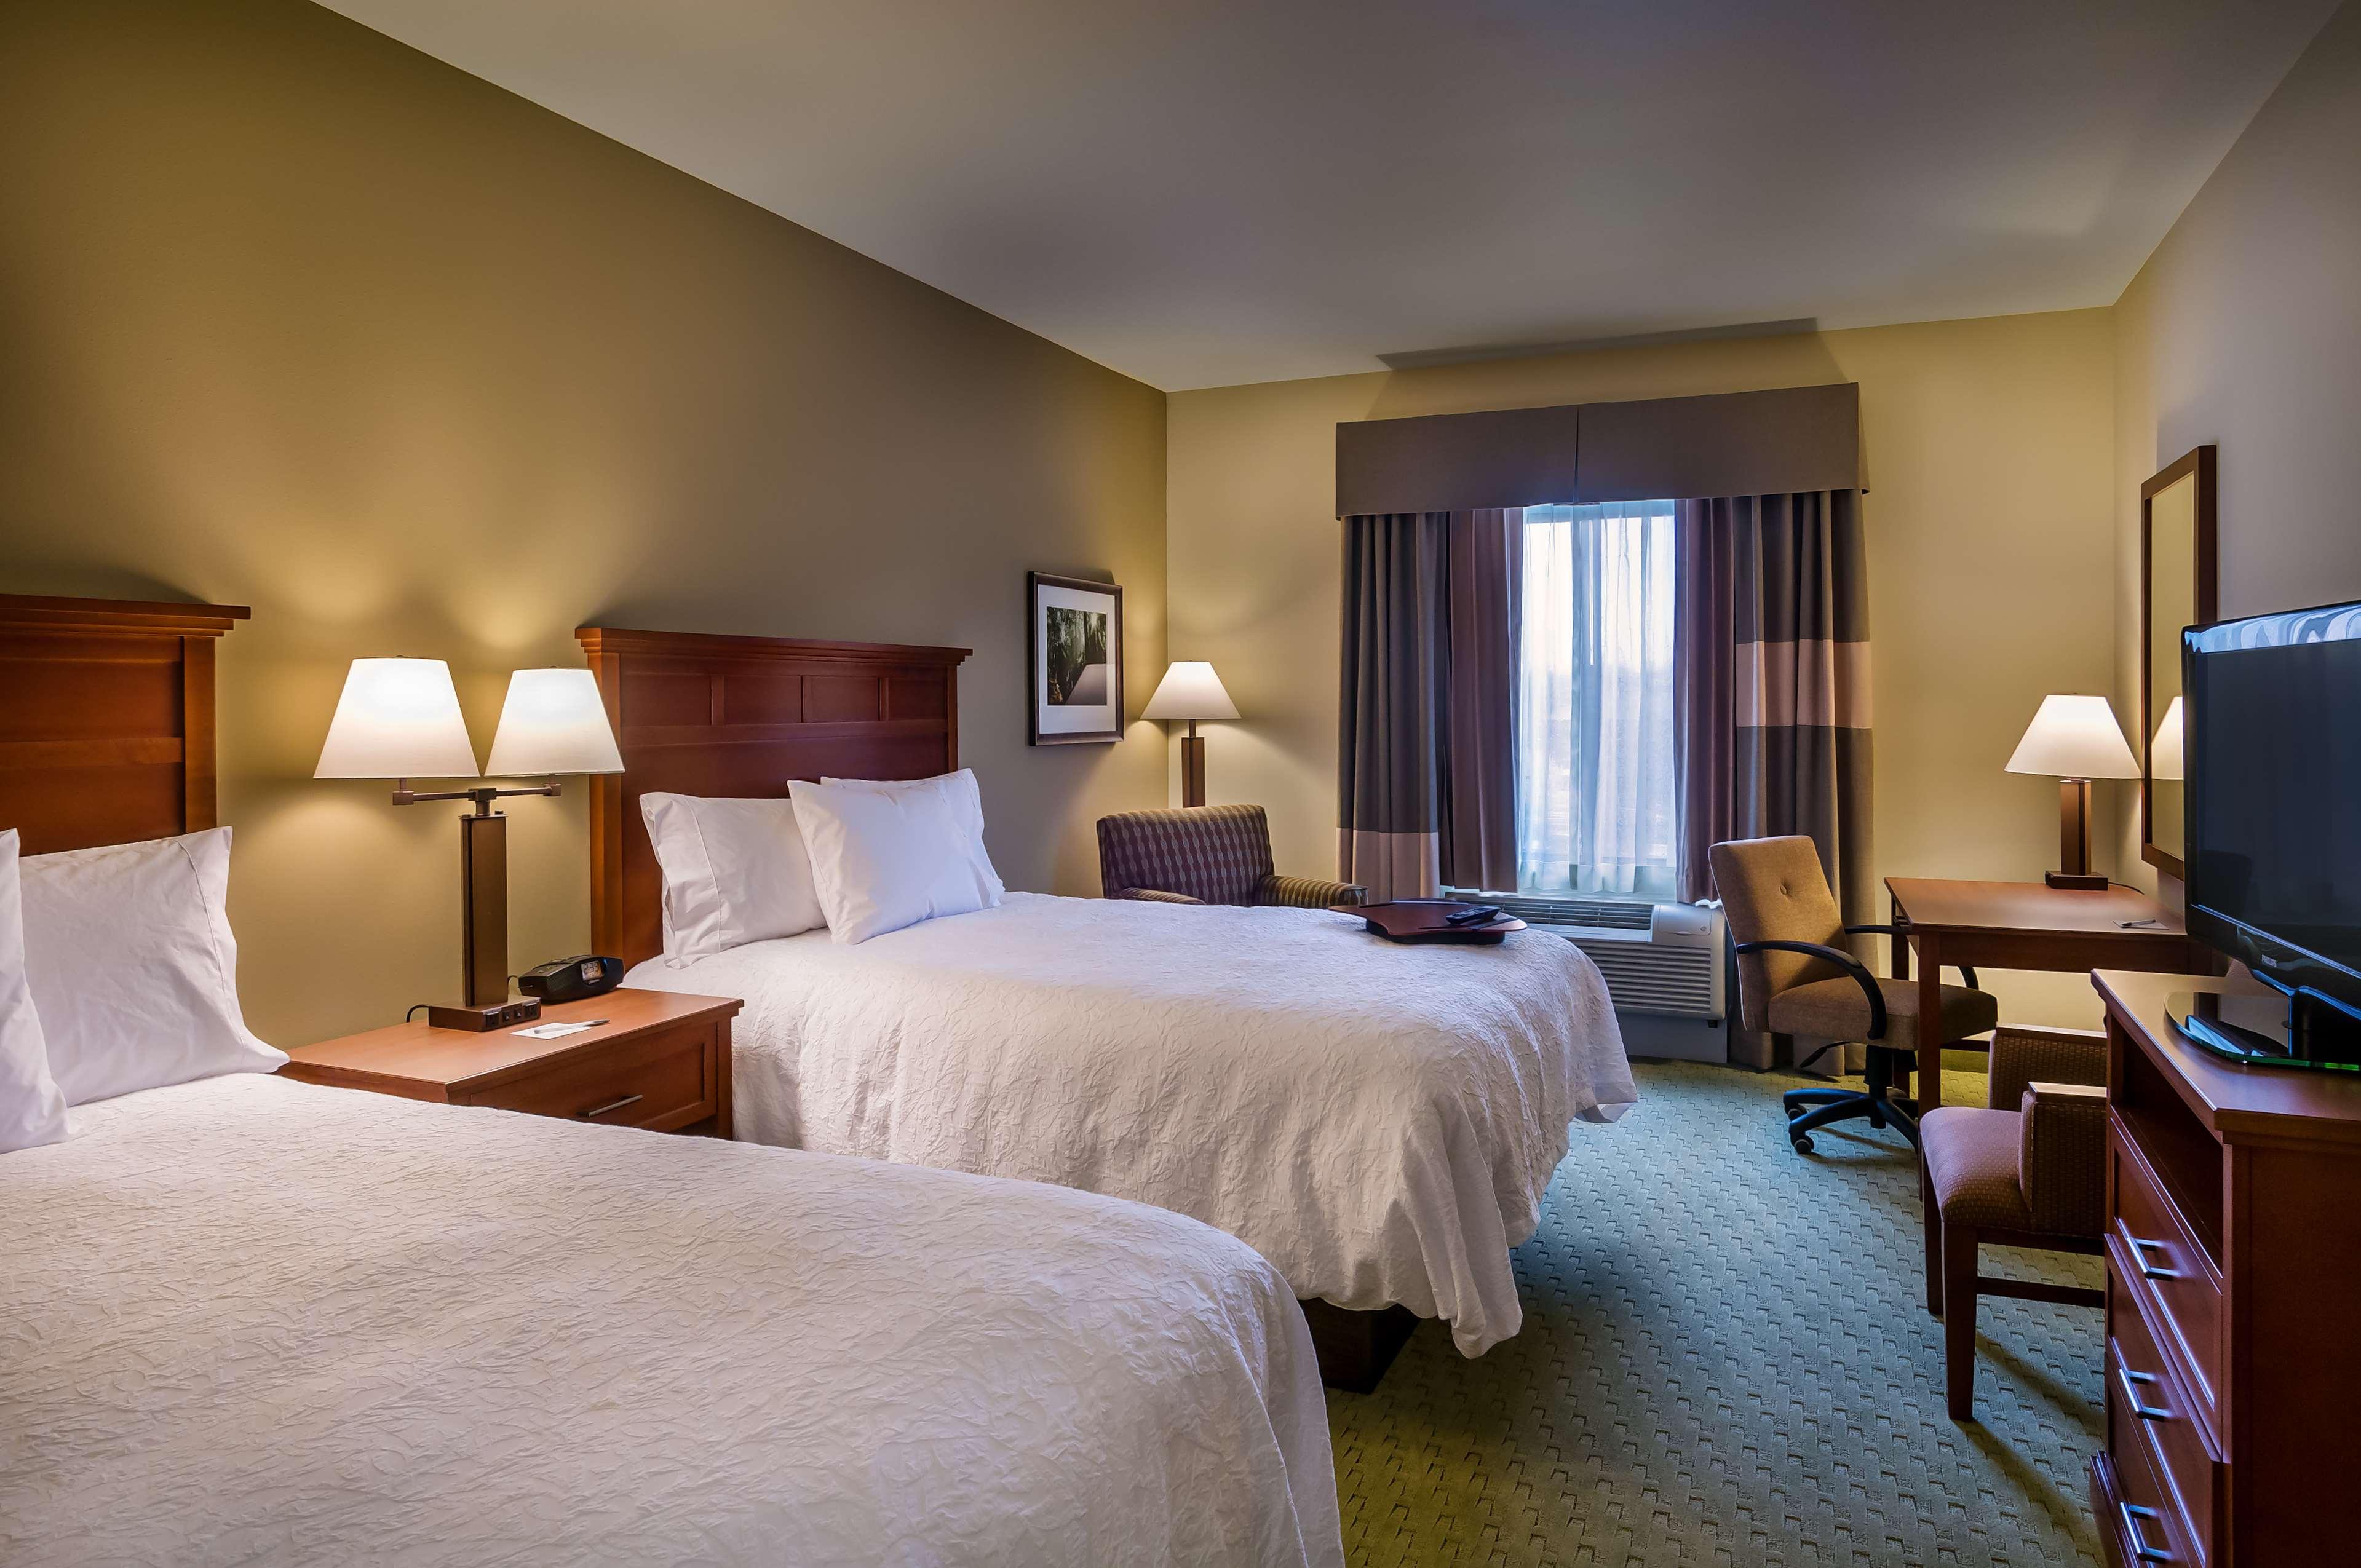 Hampton Inn & Suites Salem image 6